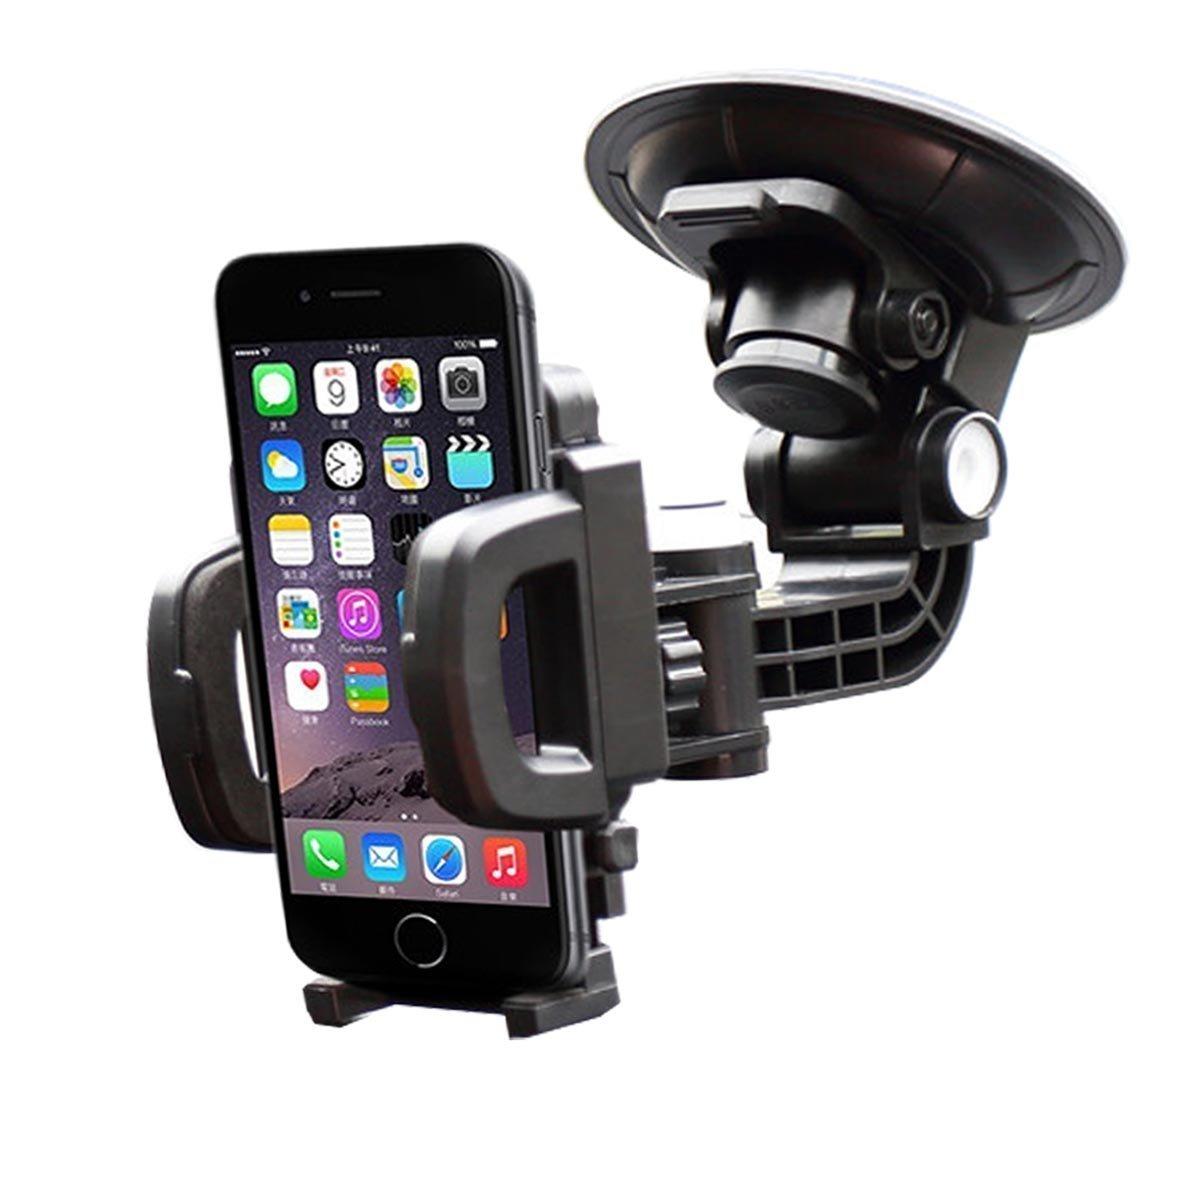 Supporto universale auto smartphone